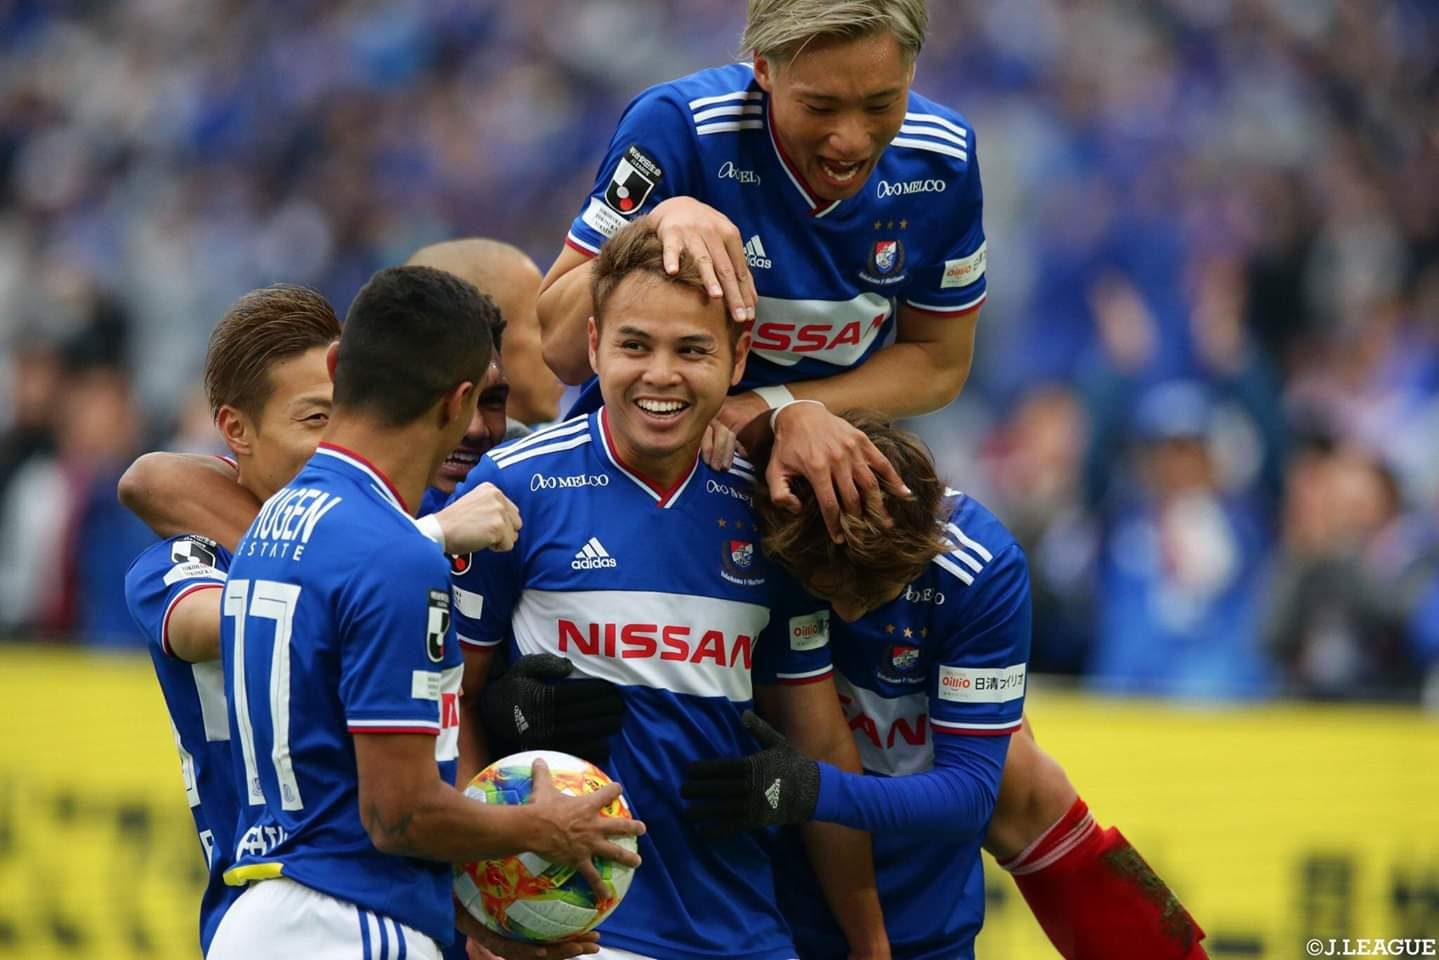 ธีราทร กดตุง ส่งโยโกอัดโตเกียว3-0 คว้าแชมป์เจลีกประวัติศาสตร์